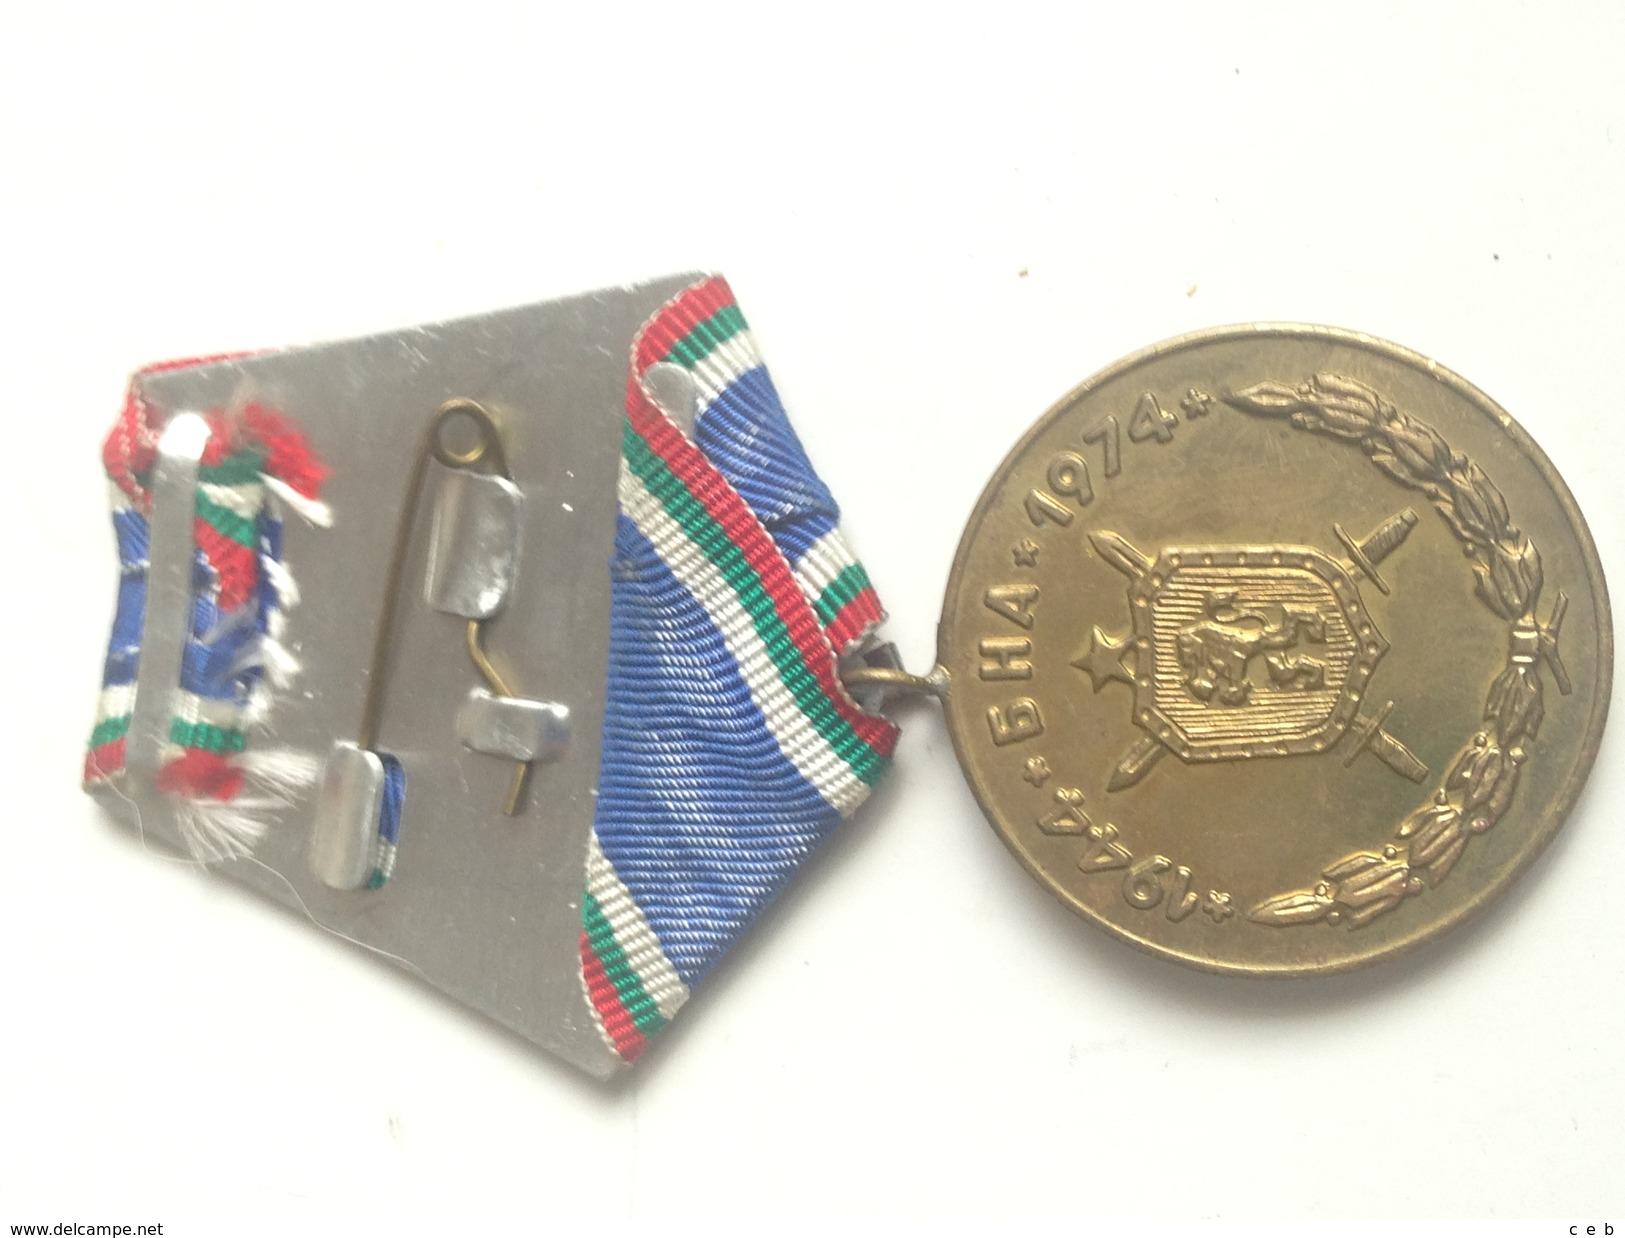 Medalla 30 Aniversario Del Ejército Búlgaro. Bulgaria Comunista. 1944-1974. Ejército Búlgaro - Otros Países